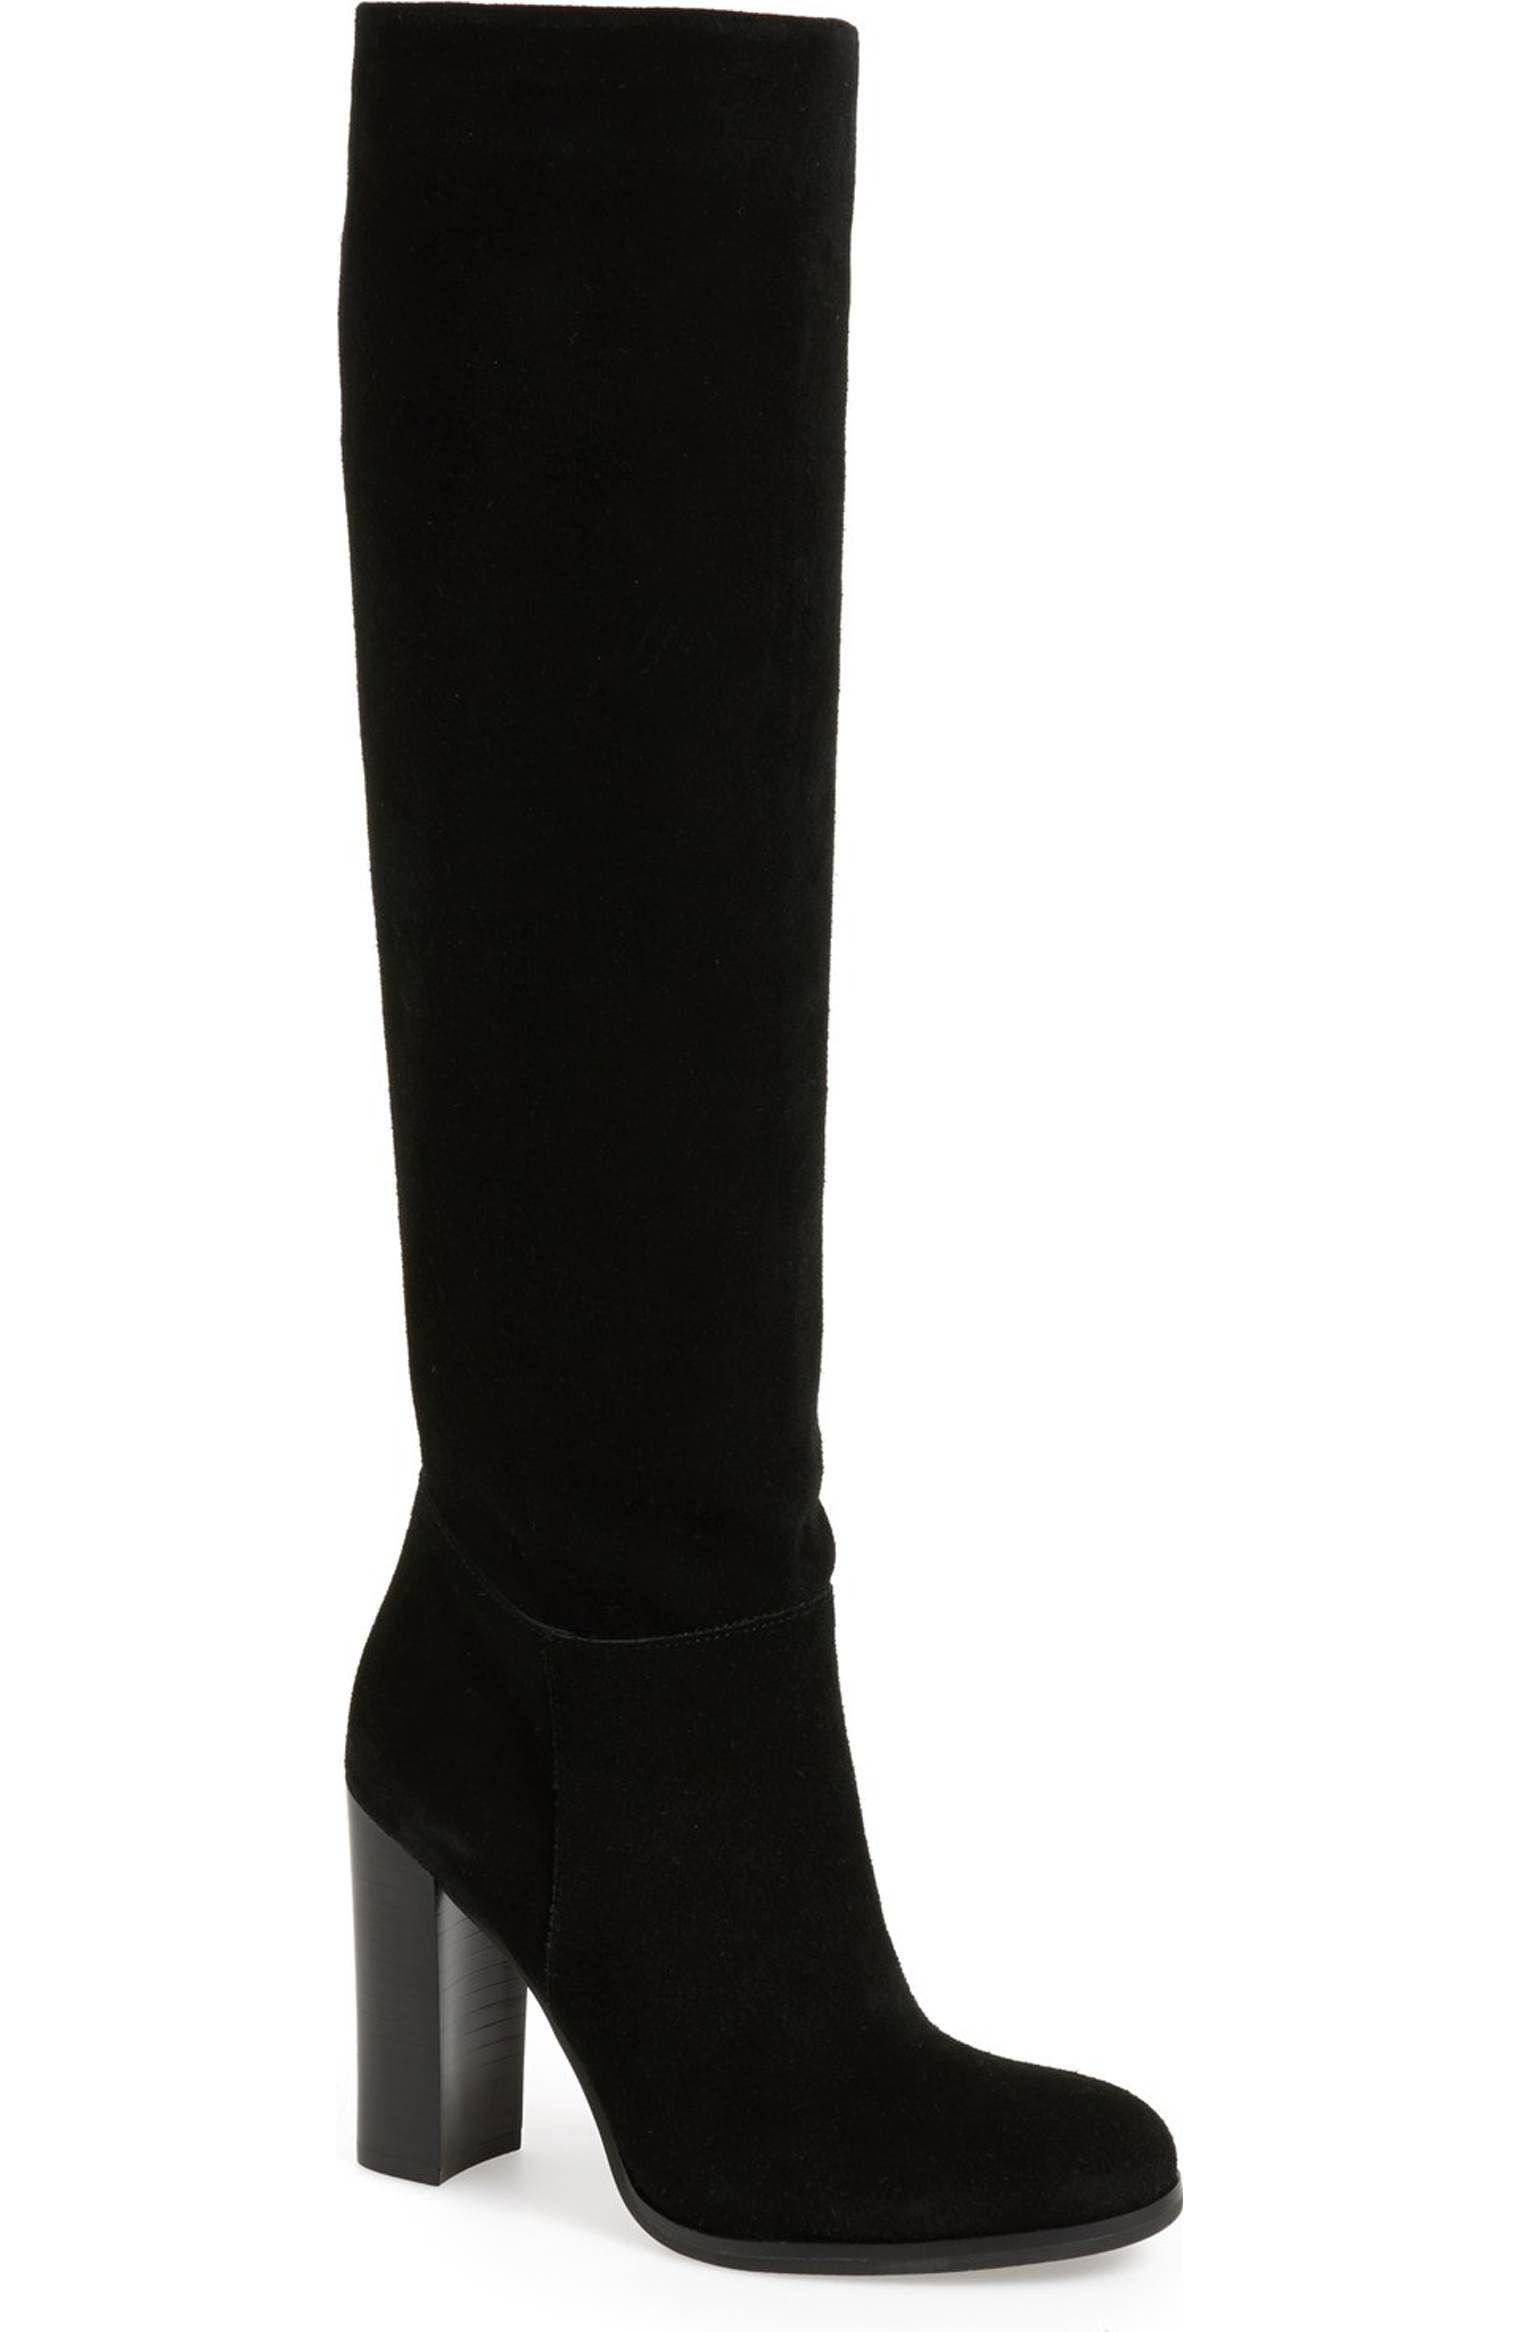 bfb4e151c Main Image - Sam Edelman  Victoria  Slouch Boot (Women)